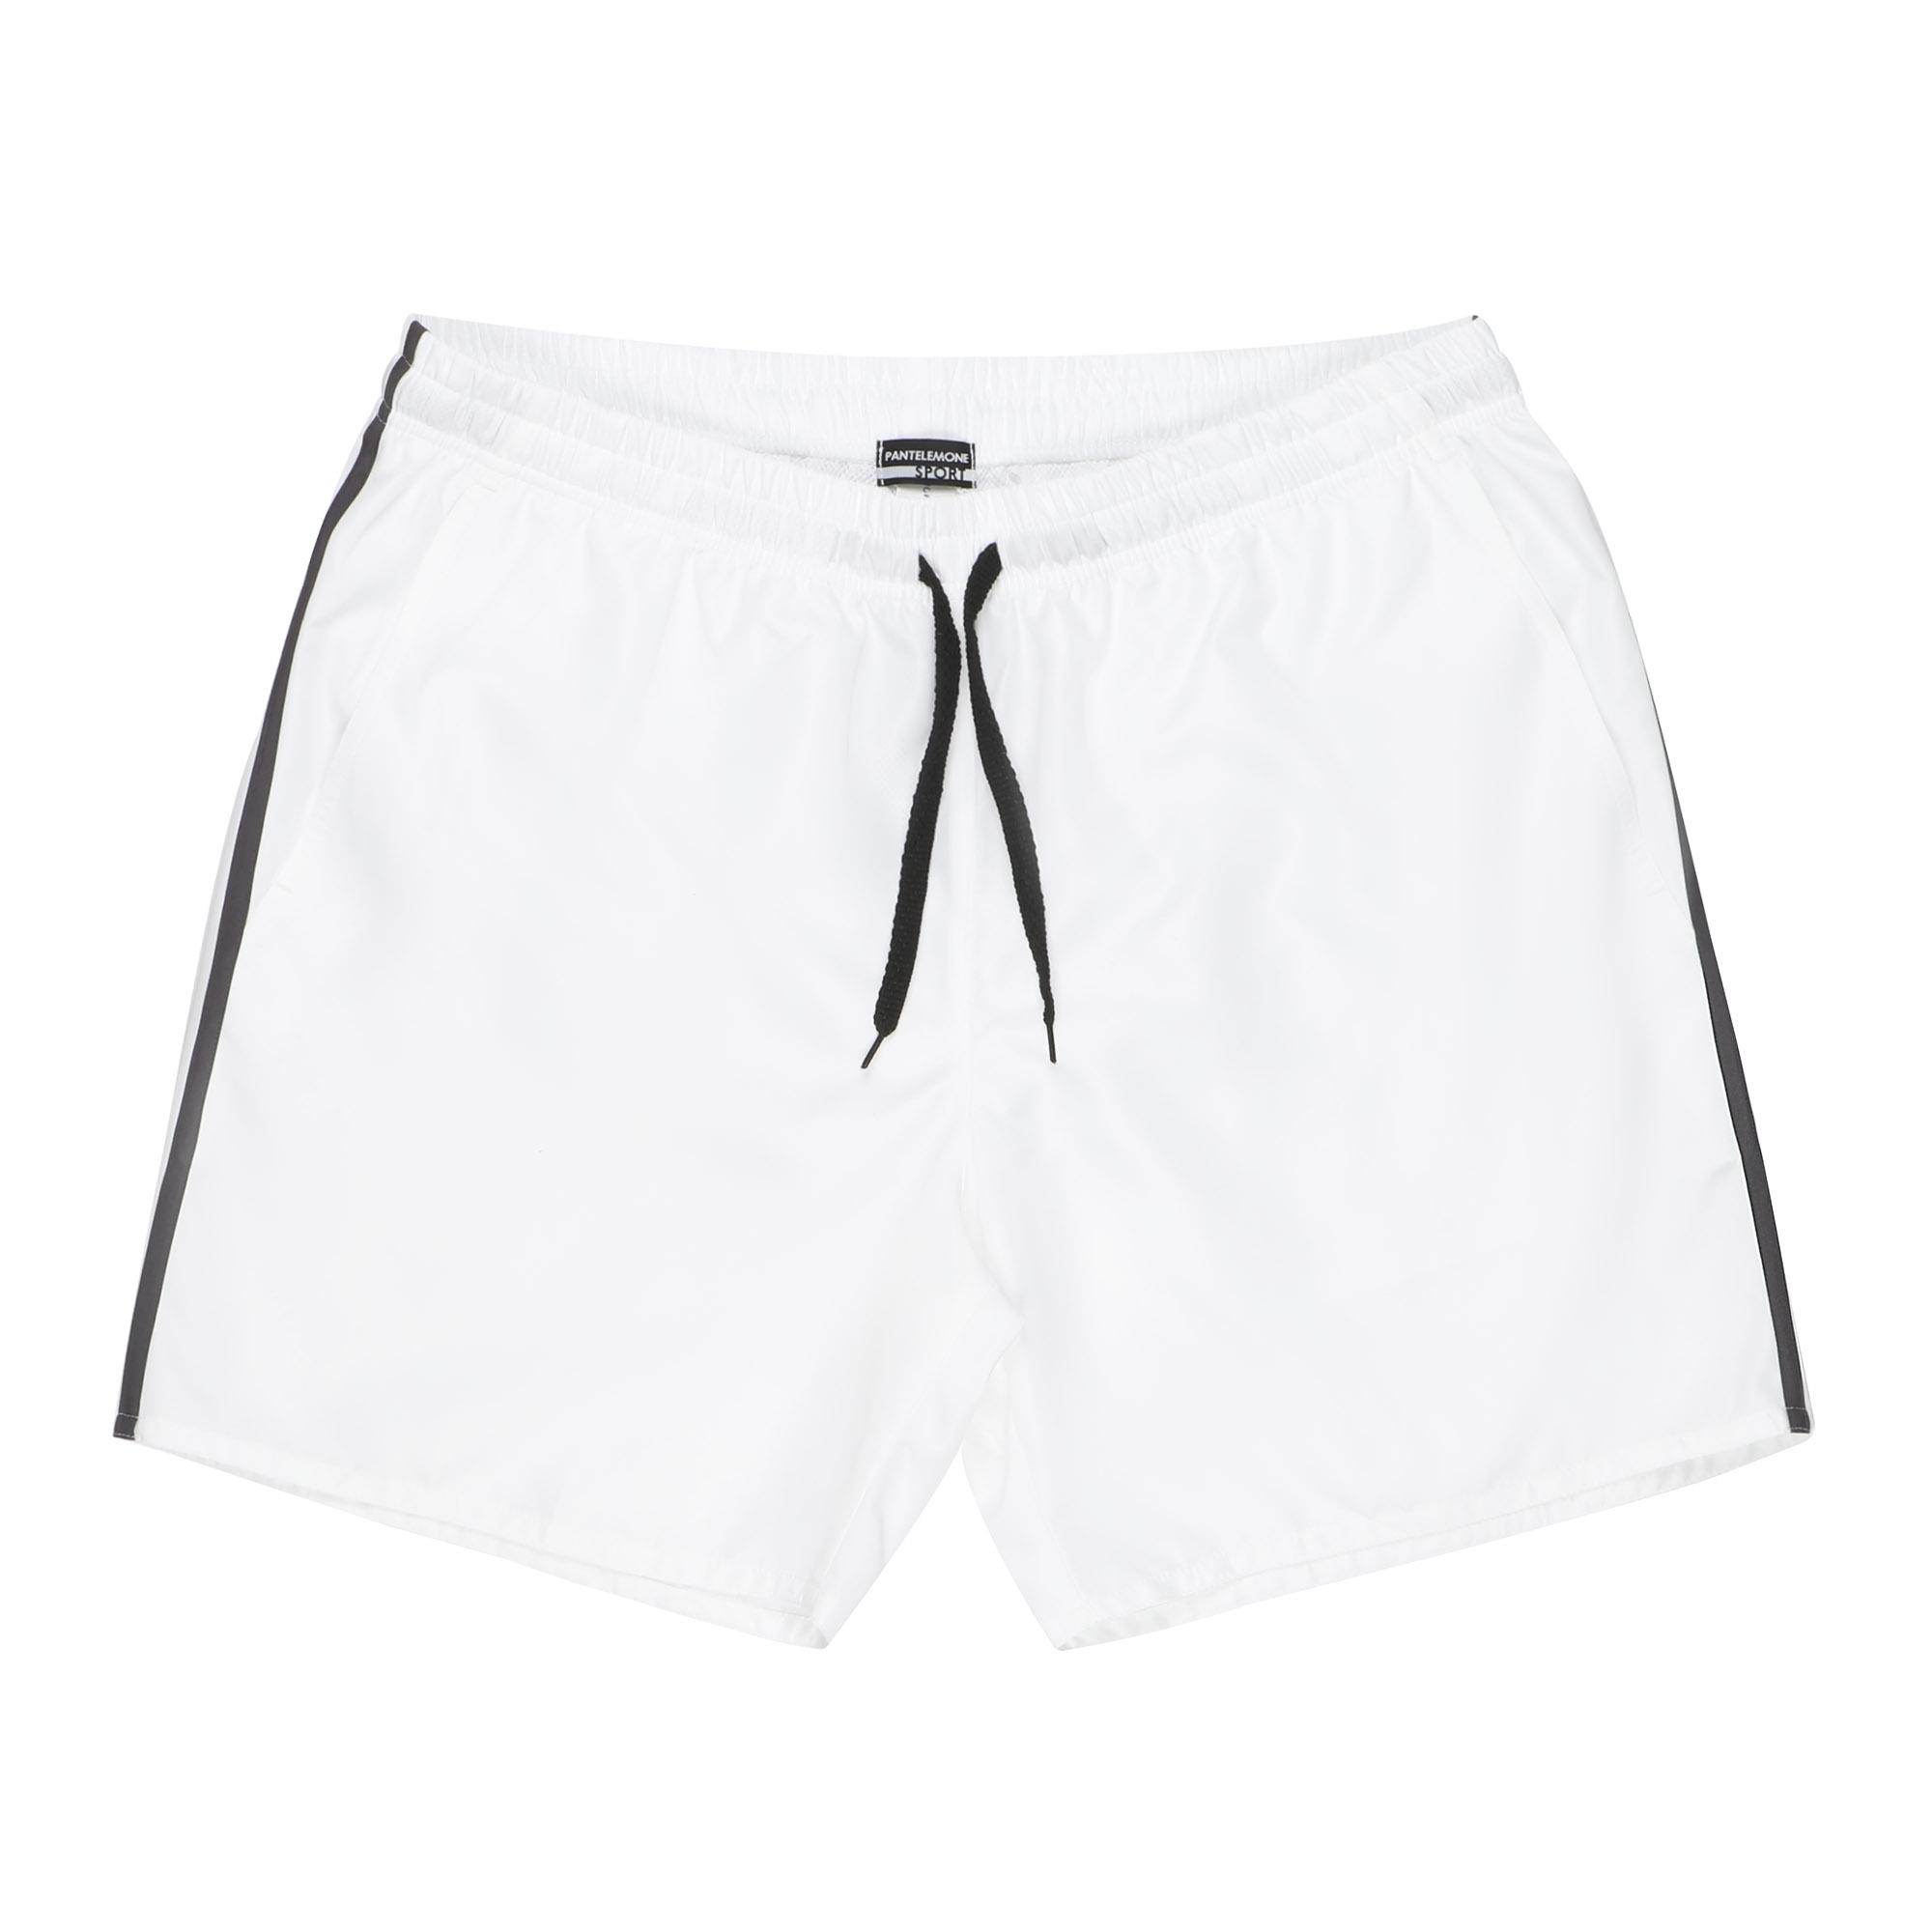 Пляжные шорты Pantelemone 48 белые